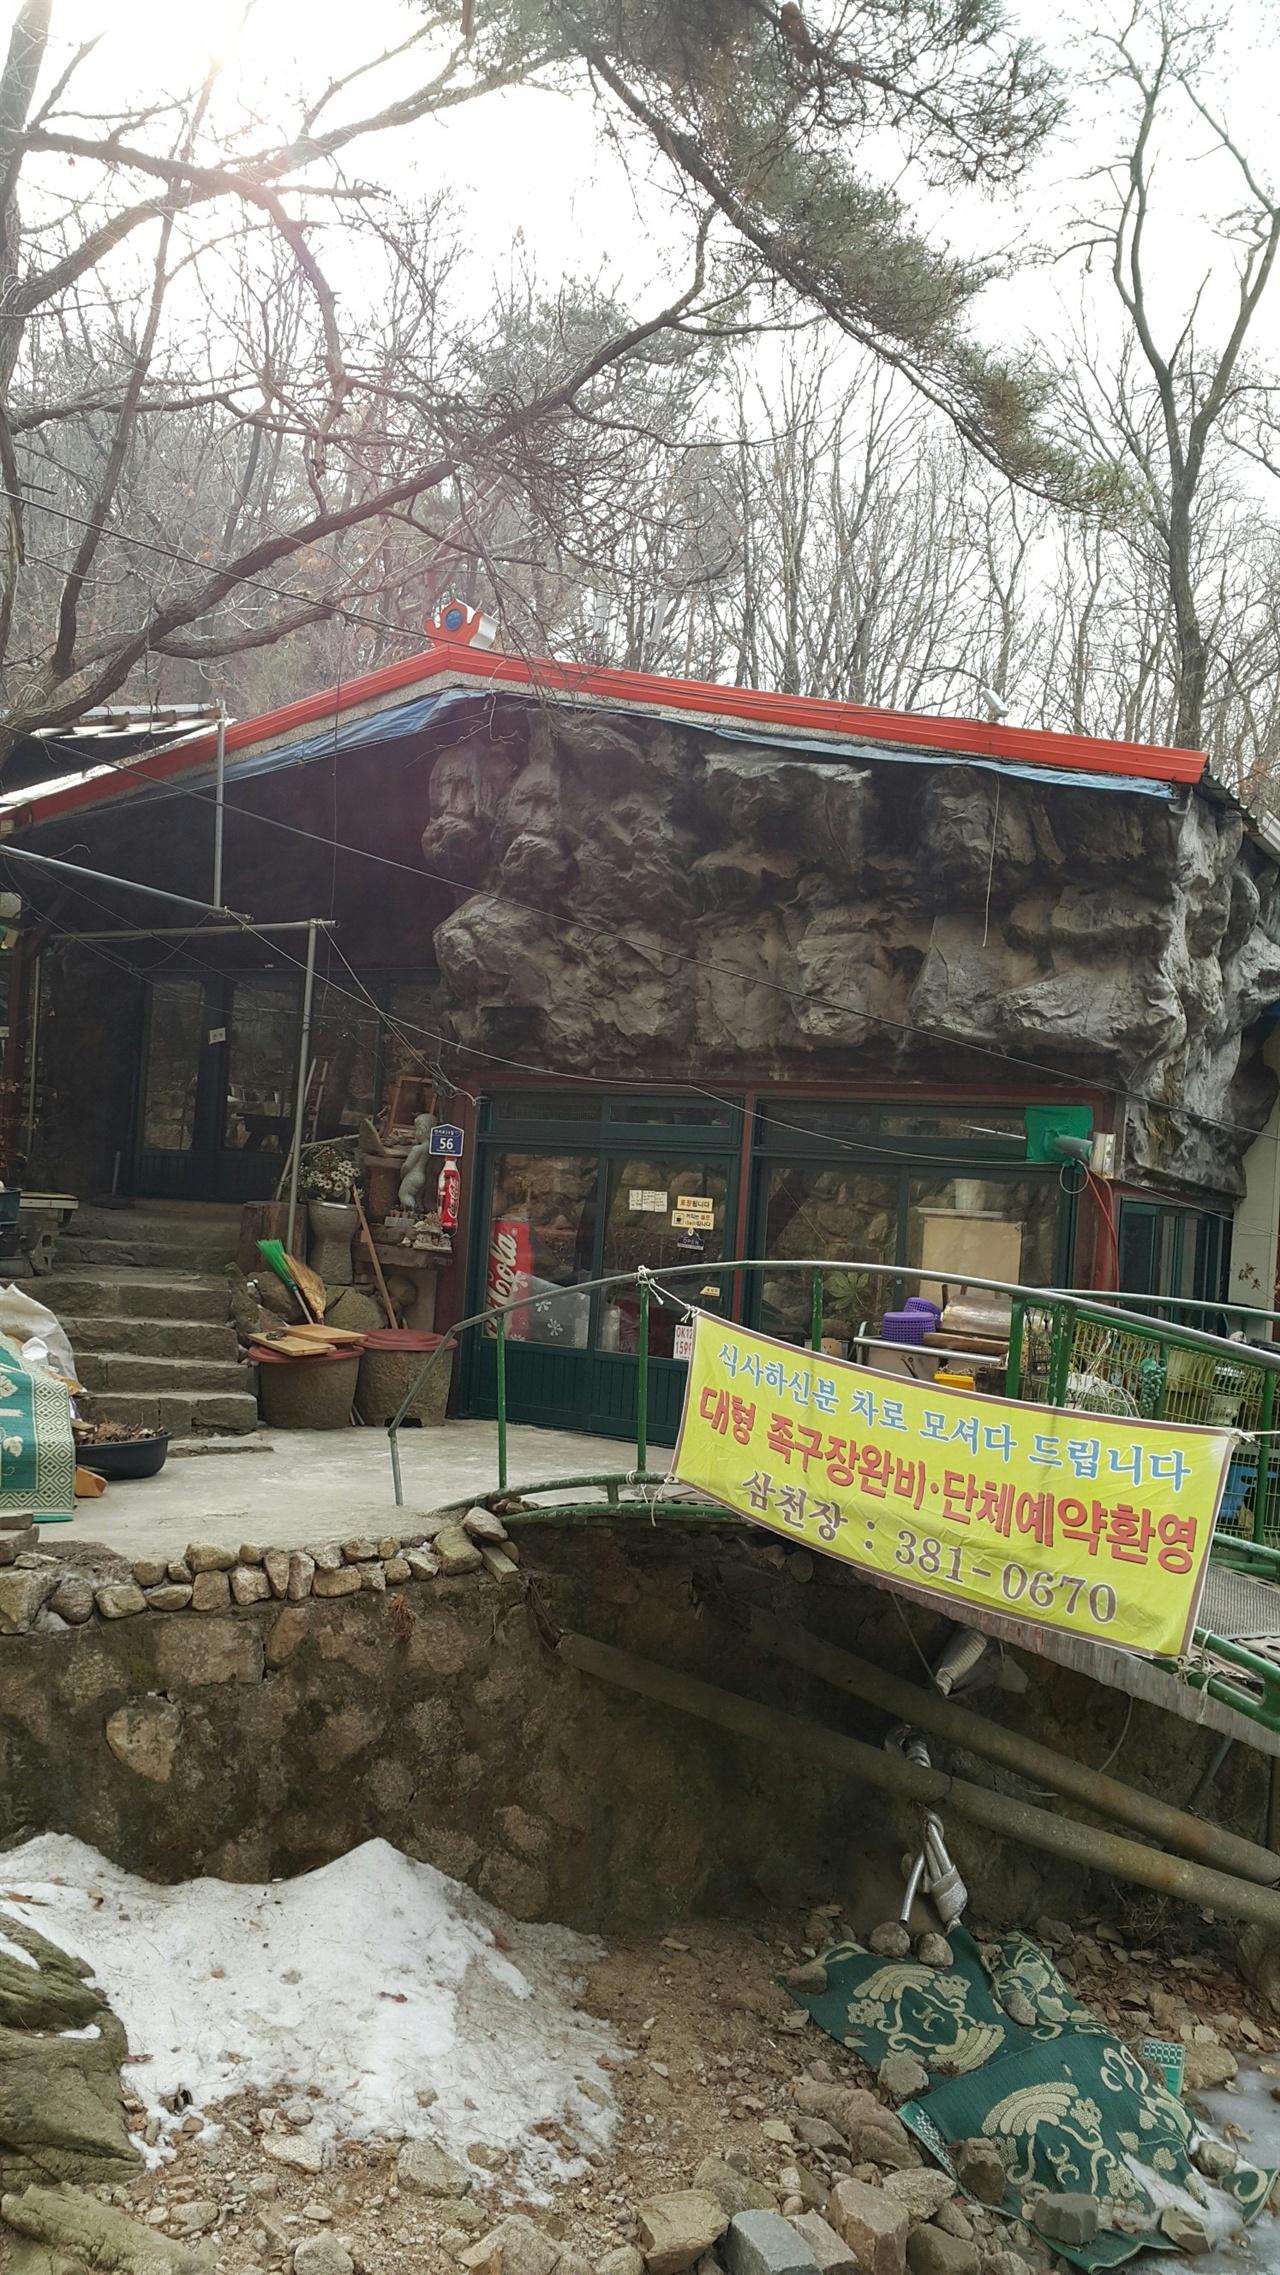 삼천장 동종발견자인 윤경민 옹이 운영하는 음식점이다.